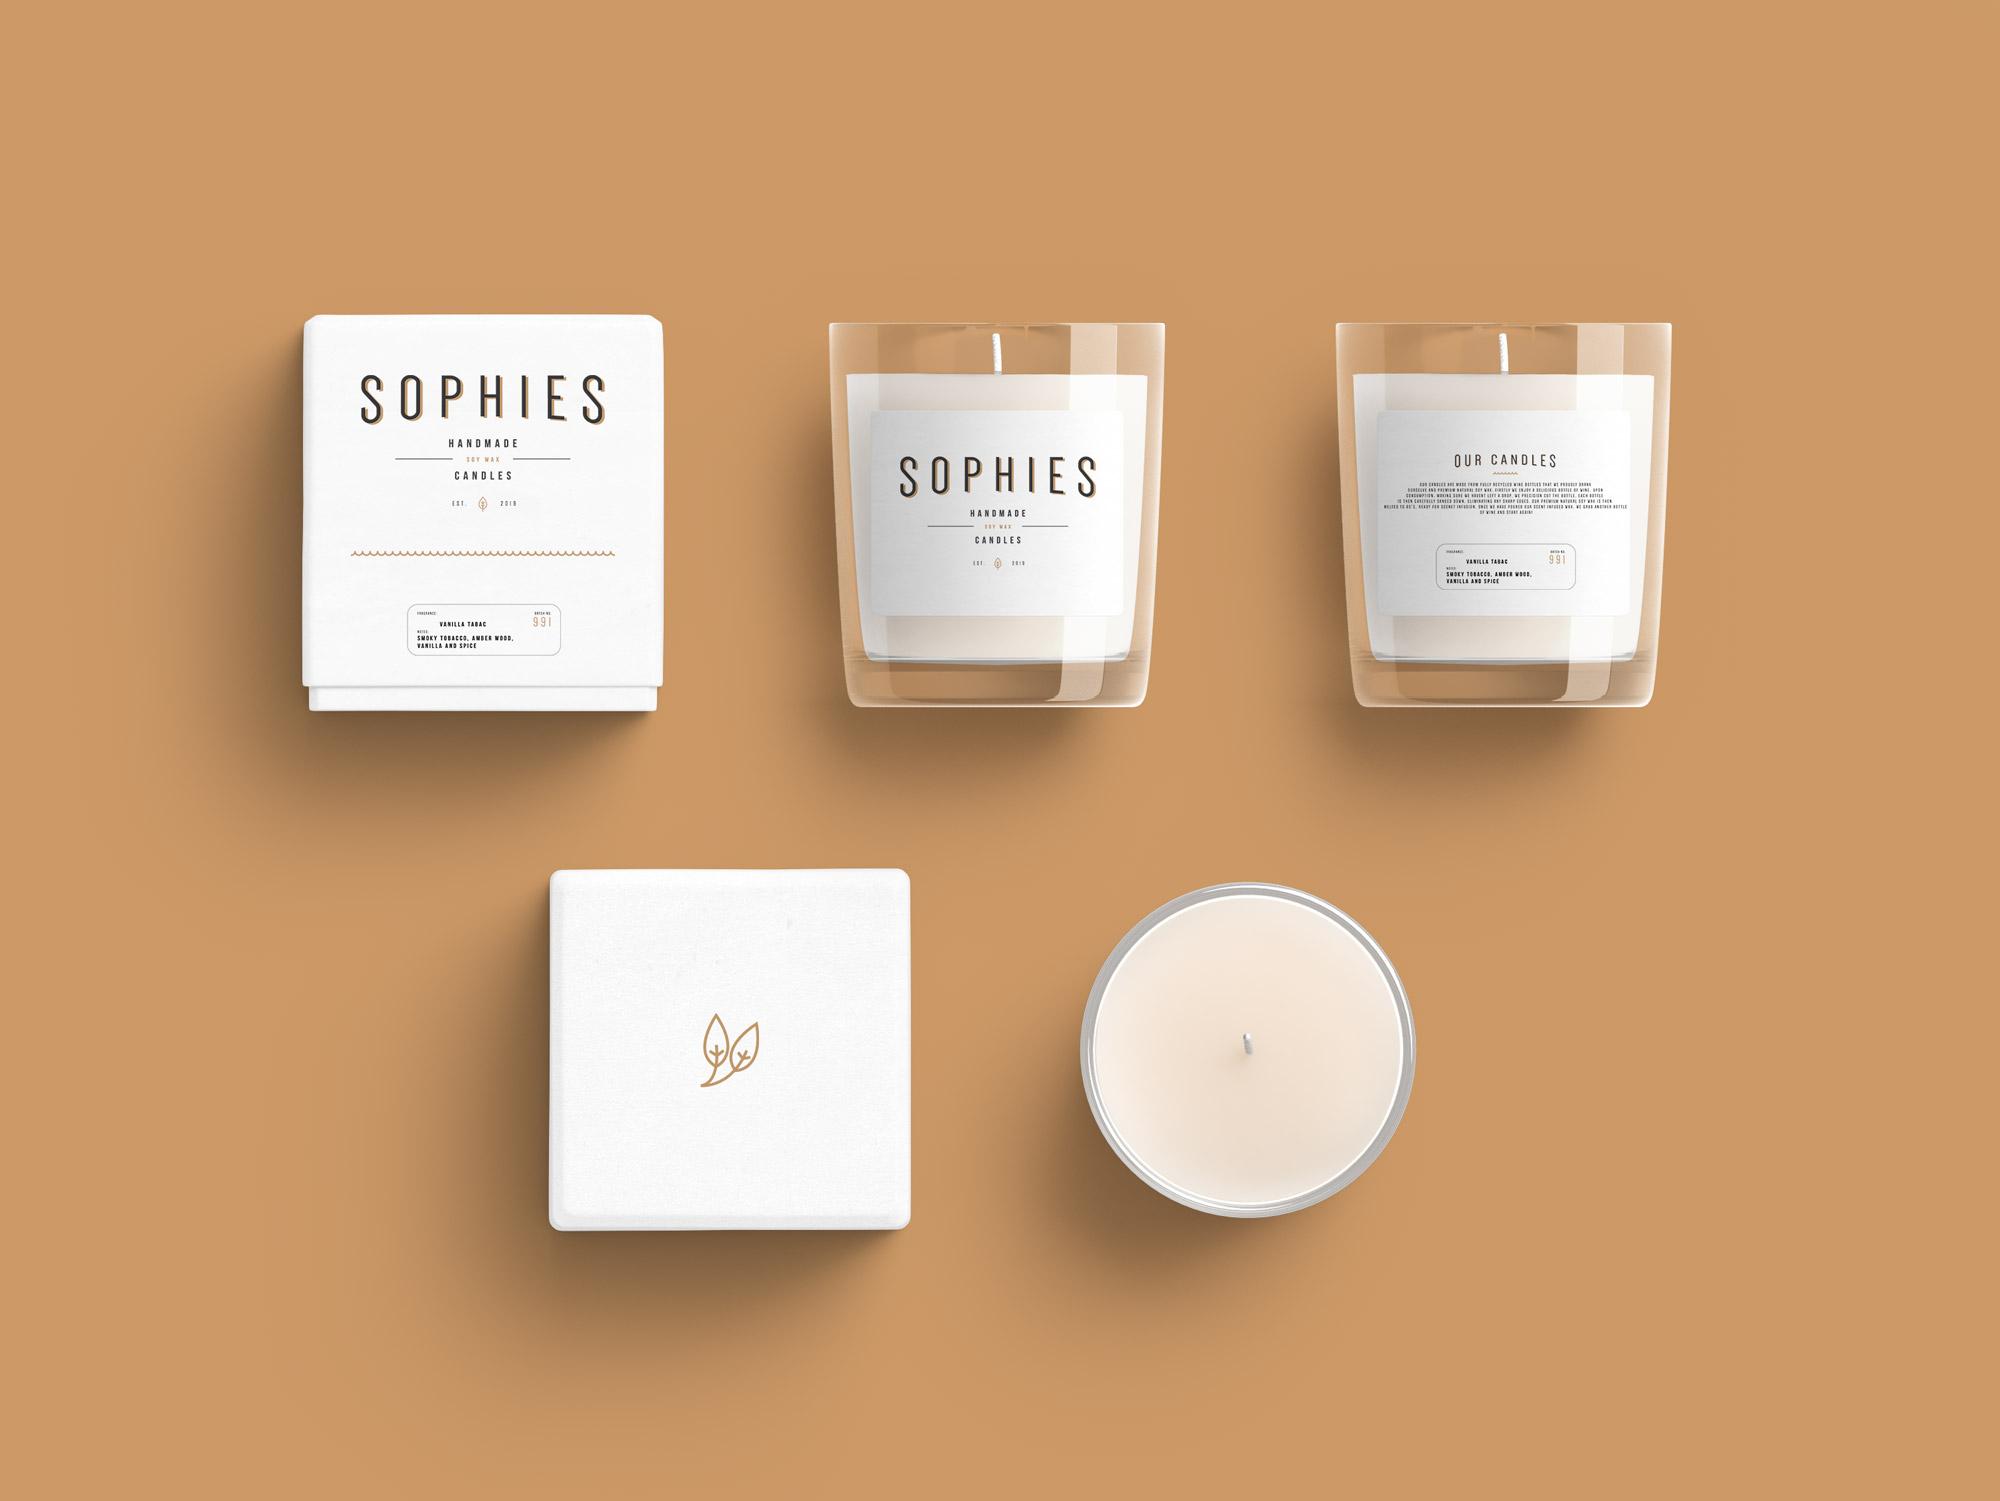 Sophies-Candles-MockUp.jpg